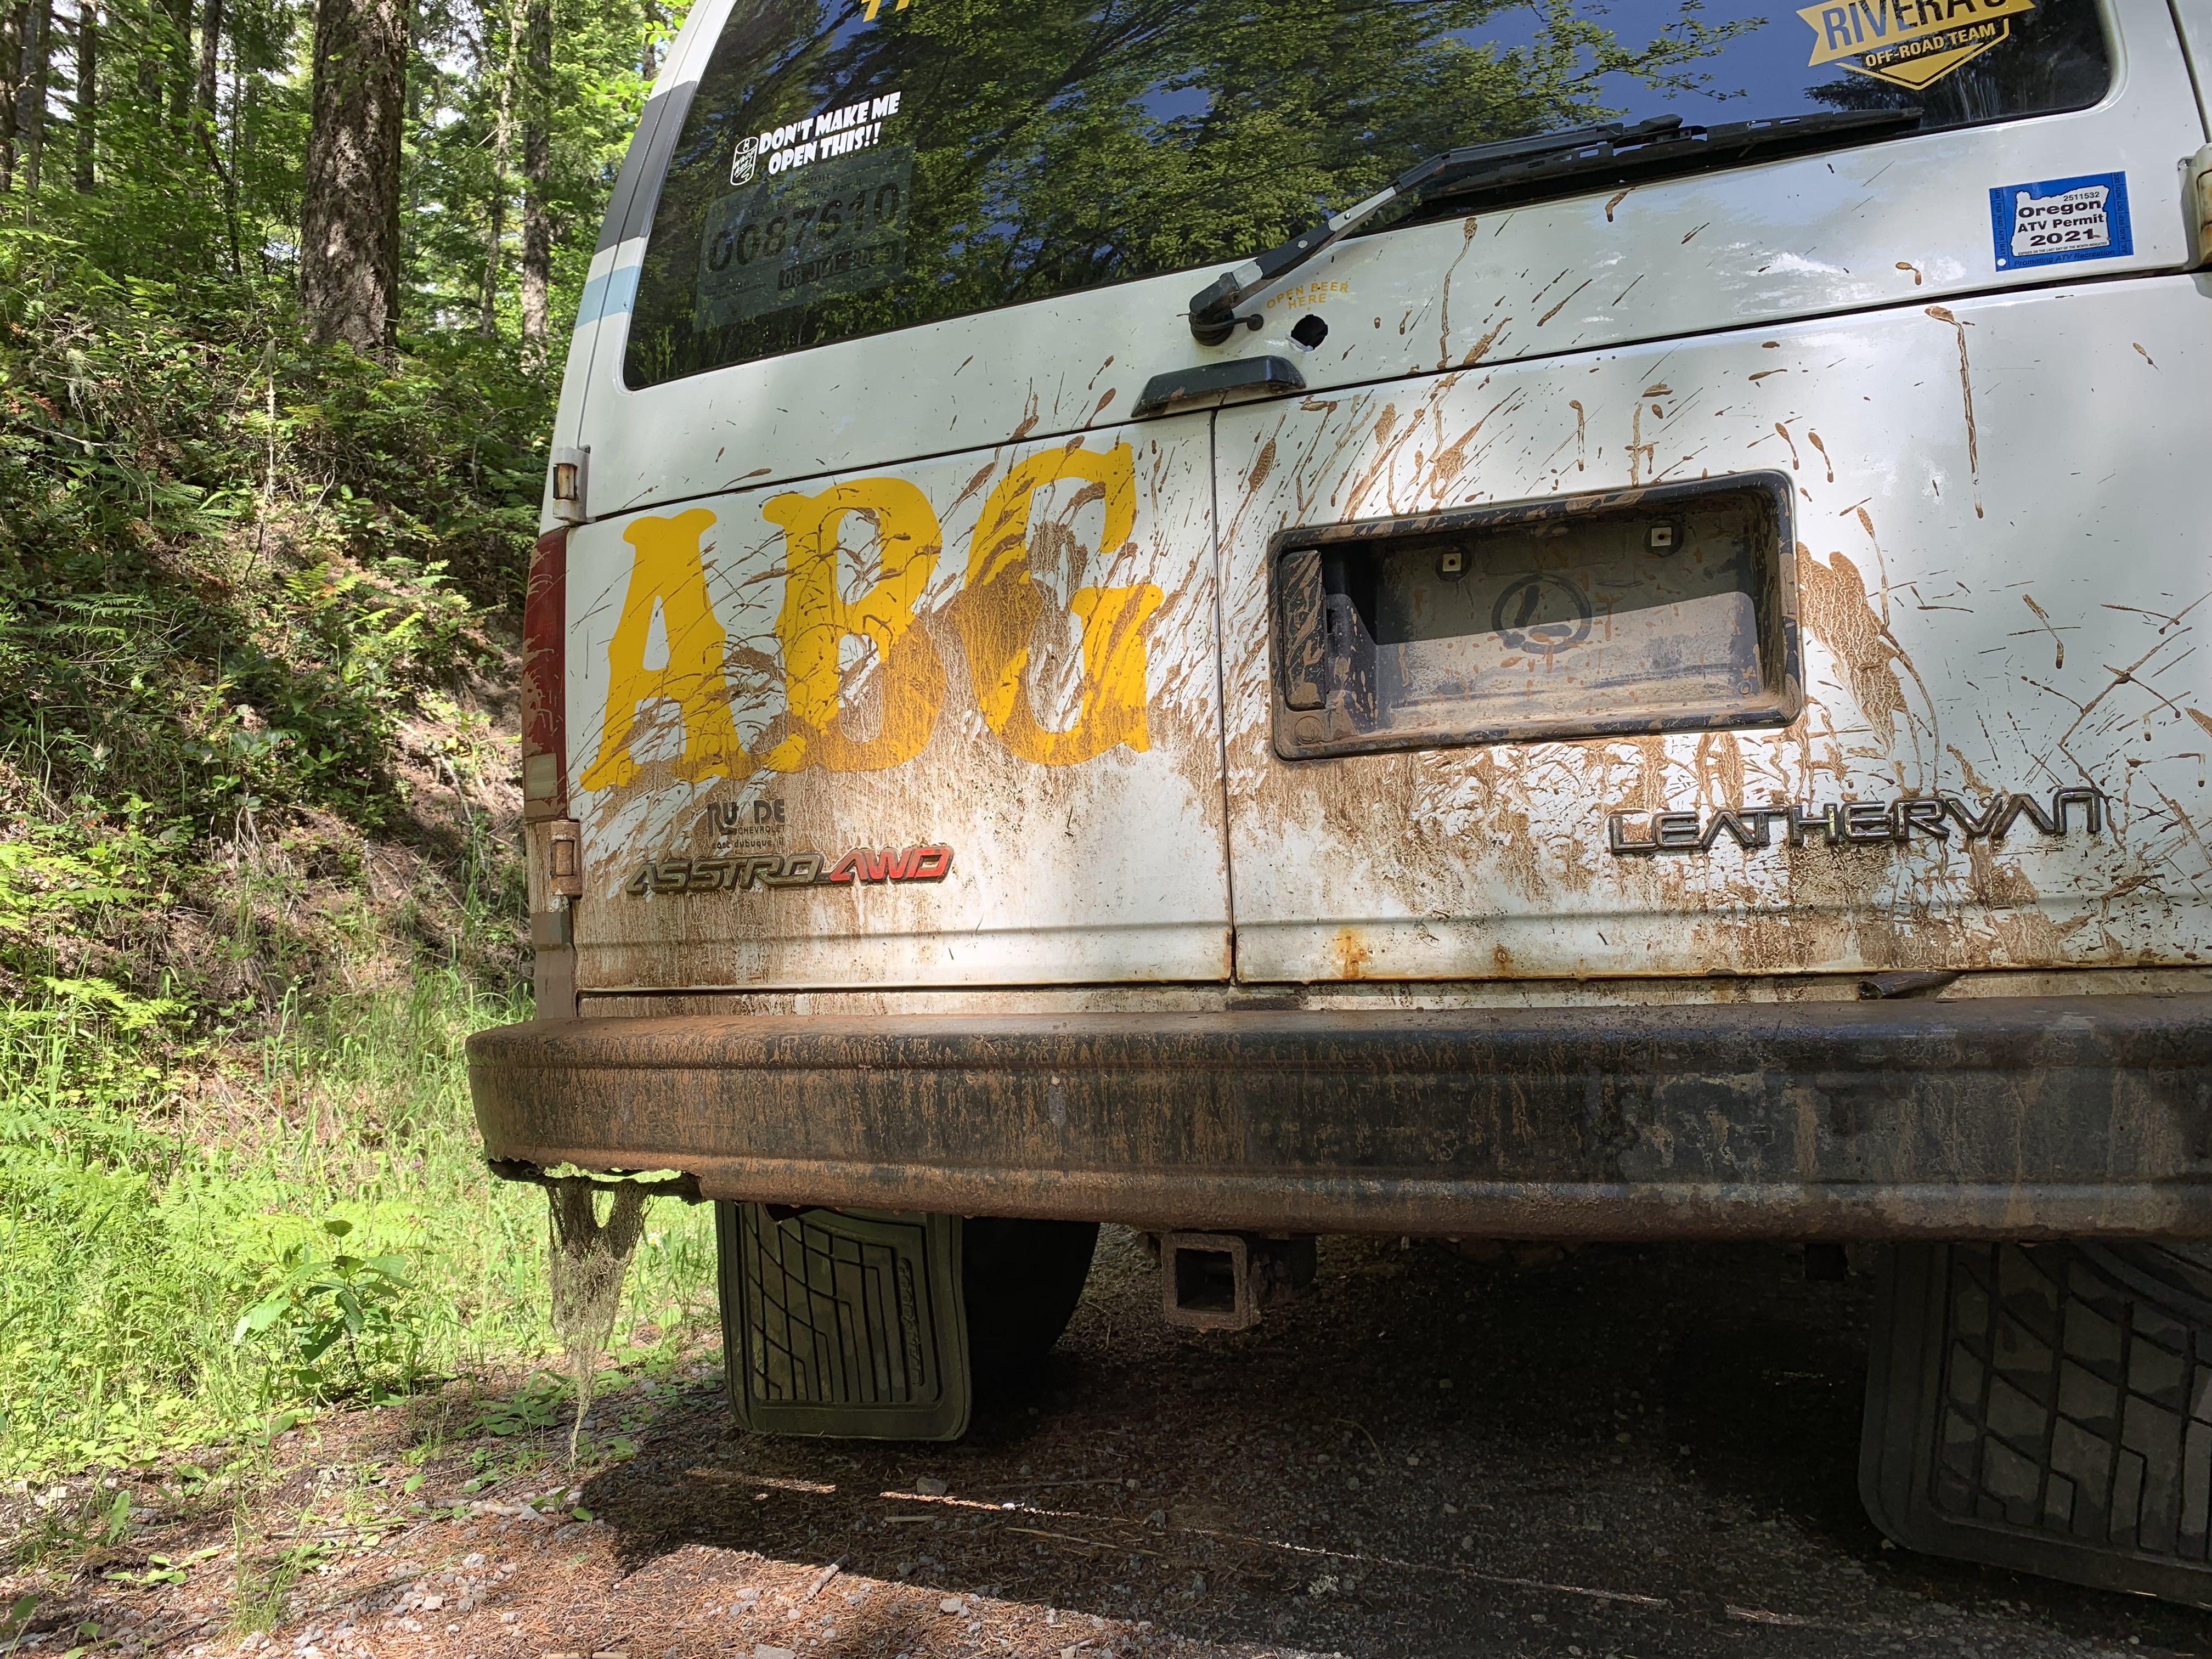 The Leatherman van covered in mud.